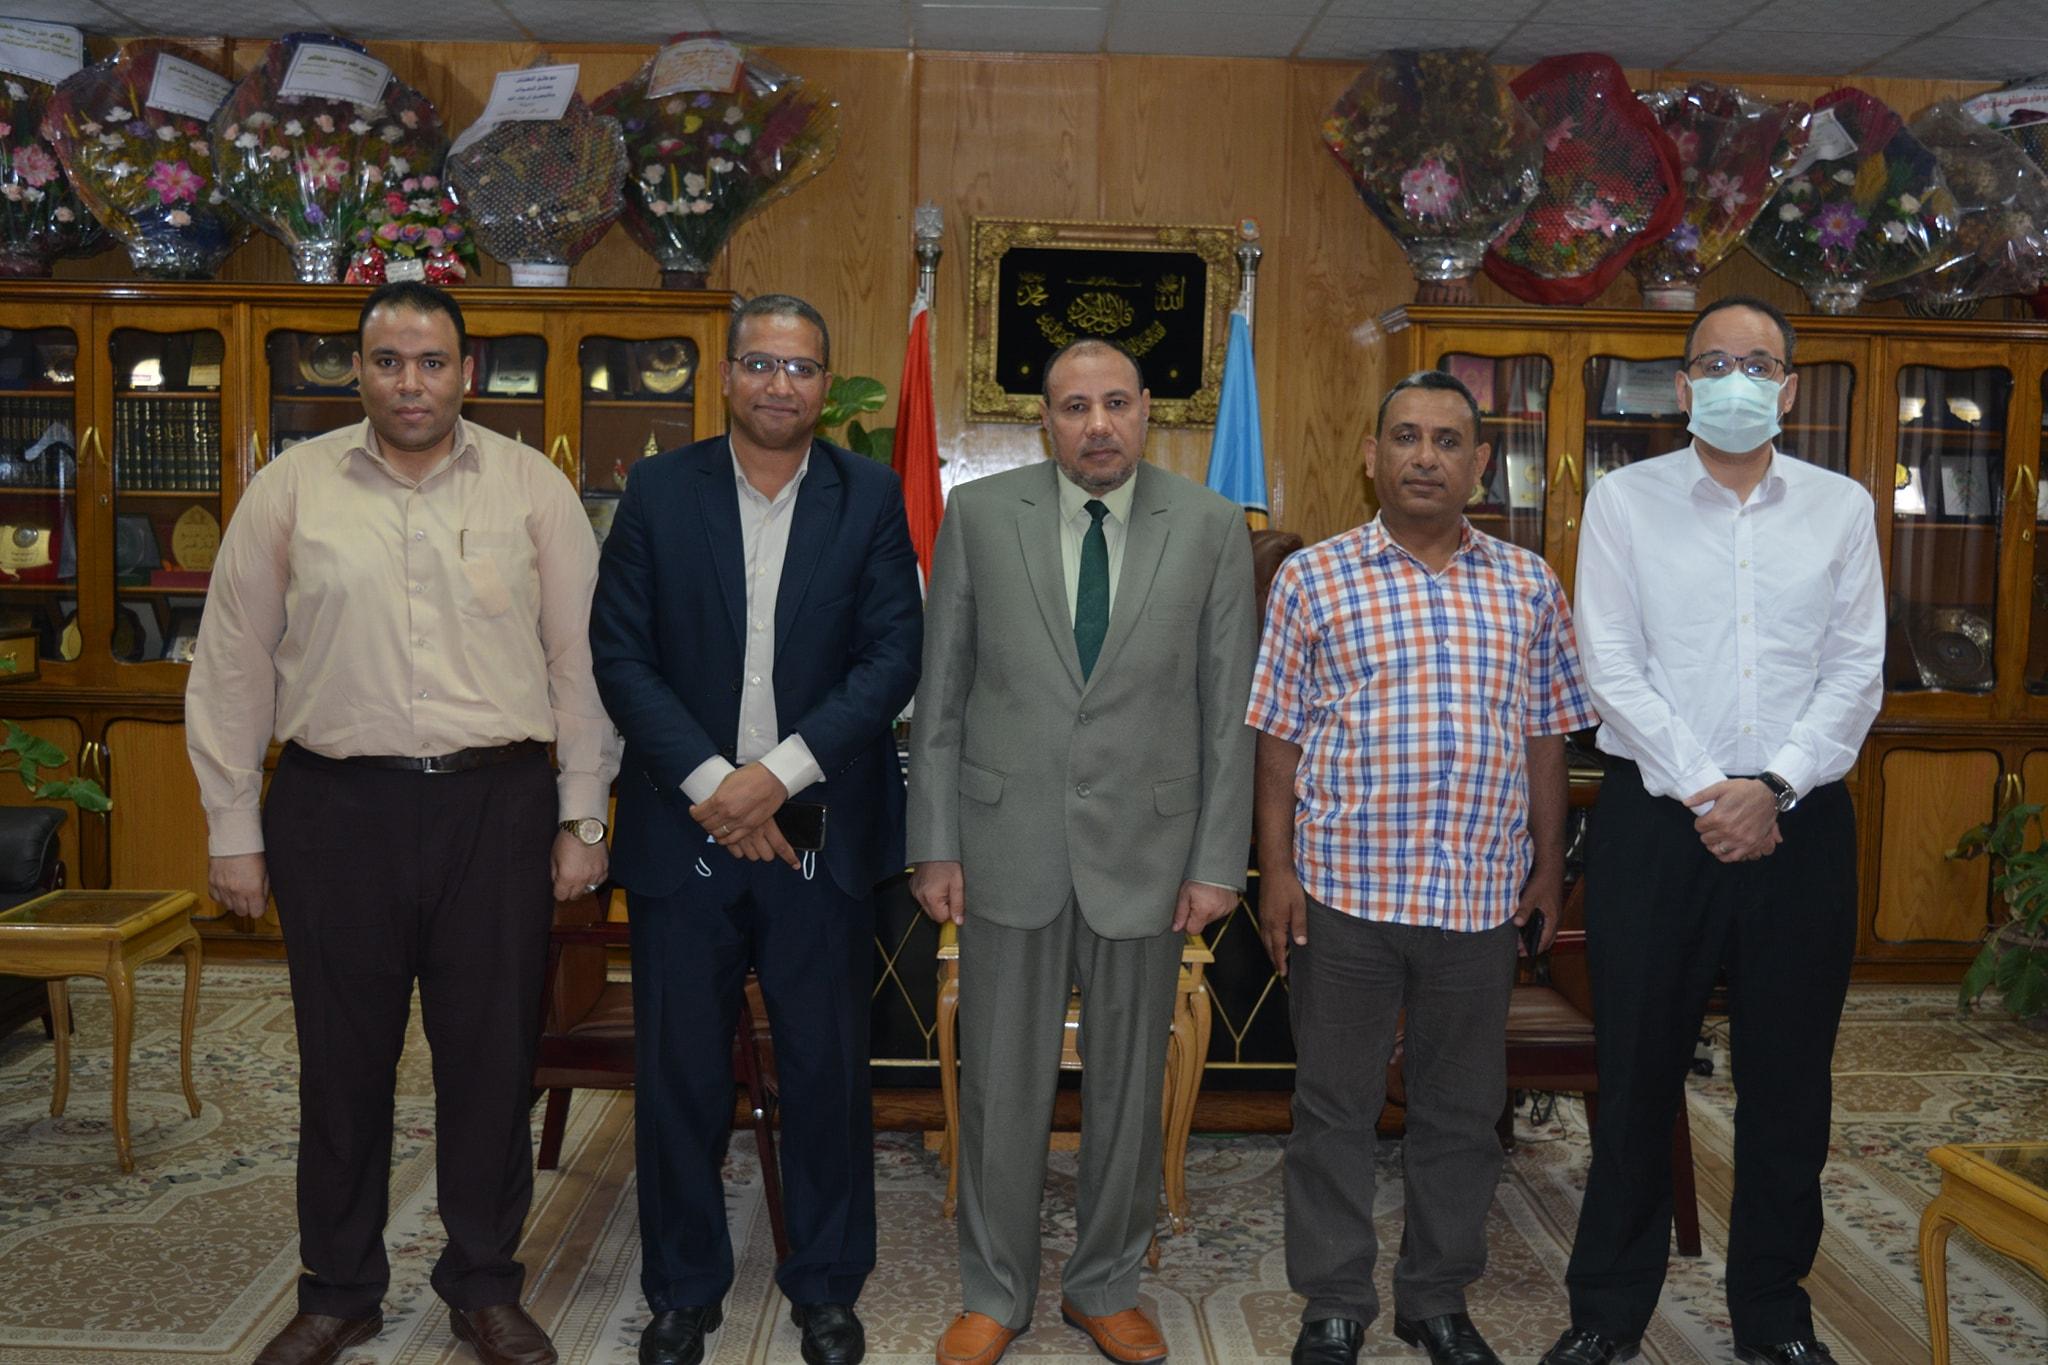 نائب رئيس جامعة الأزهر يلتقي مدير وحدة حقوق الإنسان بديوان عام محافظة أسيوط